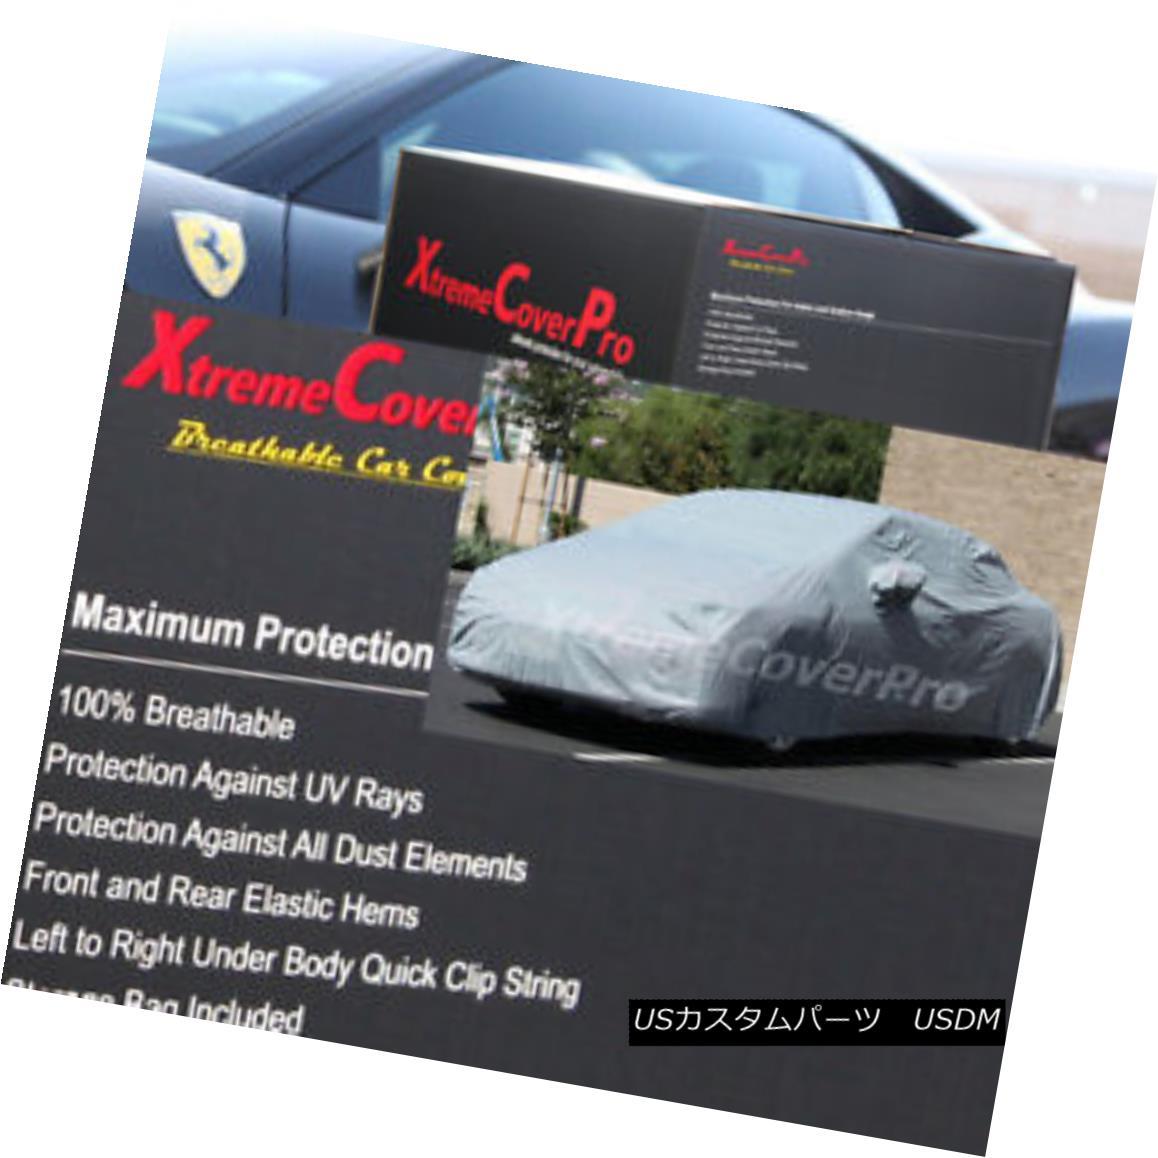 カーカバー 1998 1999 2000 2001 2002 Pontiac Firebird Breathable Car Cover w/MirrorPocket 1998年1999年2000年2001年2002年ポンティアックファイアバード通気性車カバー付きMirrorPocket